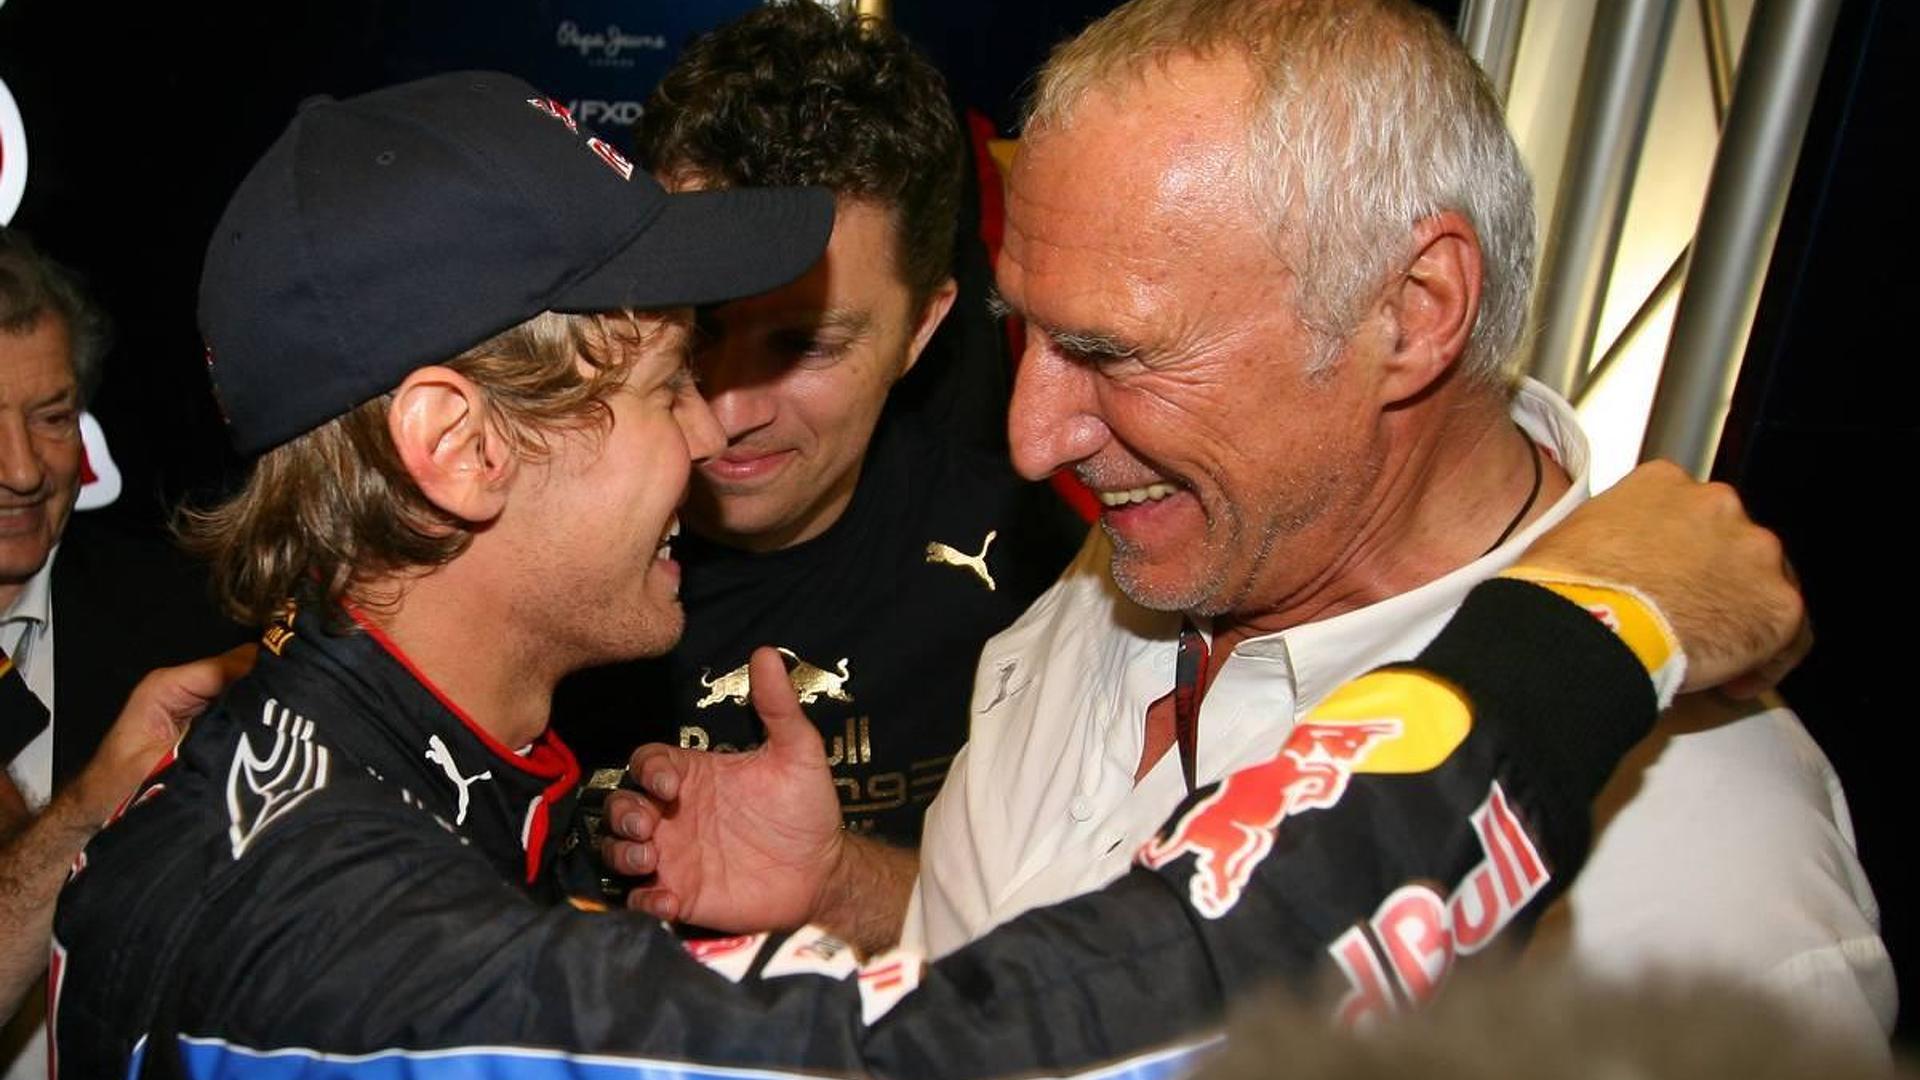 Mateschitz denies Webber strategy plot to fool Alonso